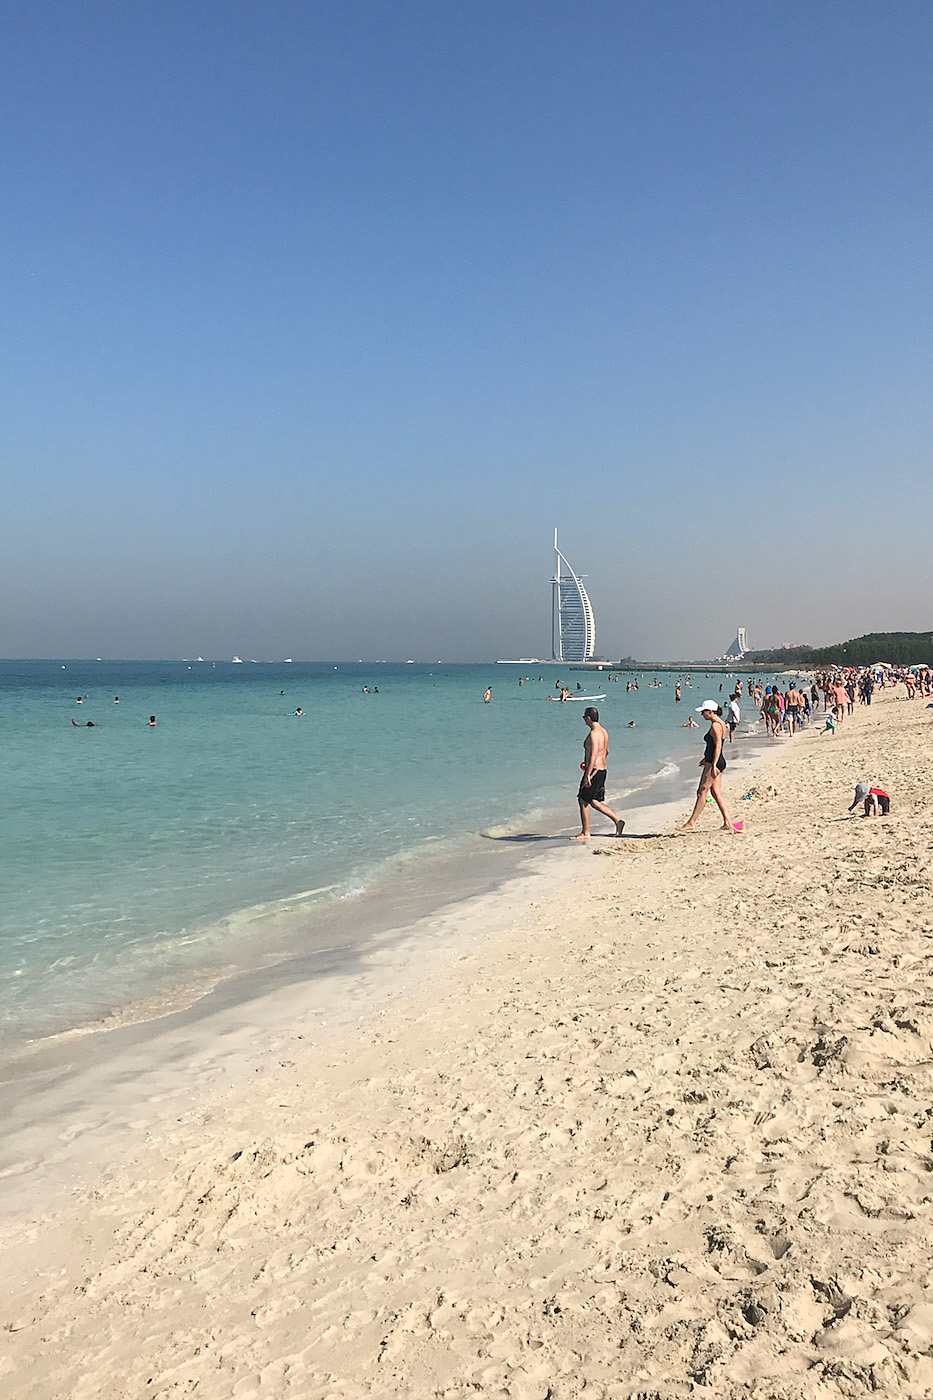 Beaches in Dubai _ best beaches in dubai _ black palace beach dubai _ visit dubai _ what to see in dubai _ dubai sightseeing